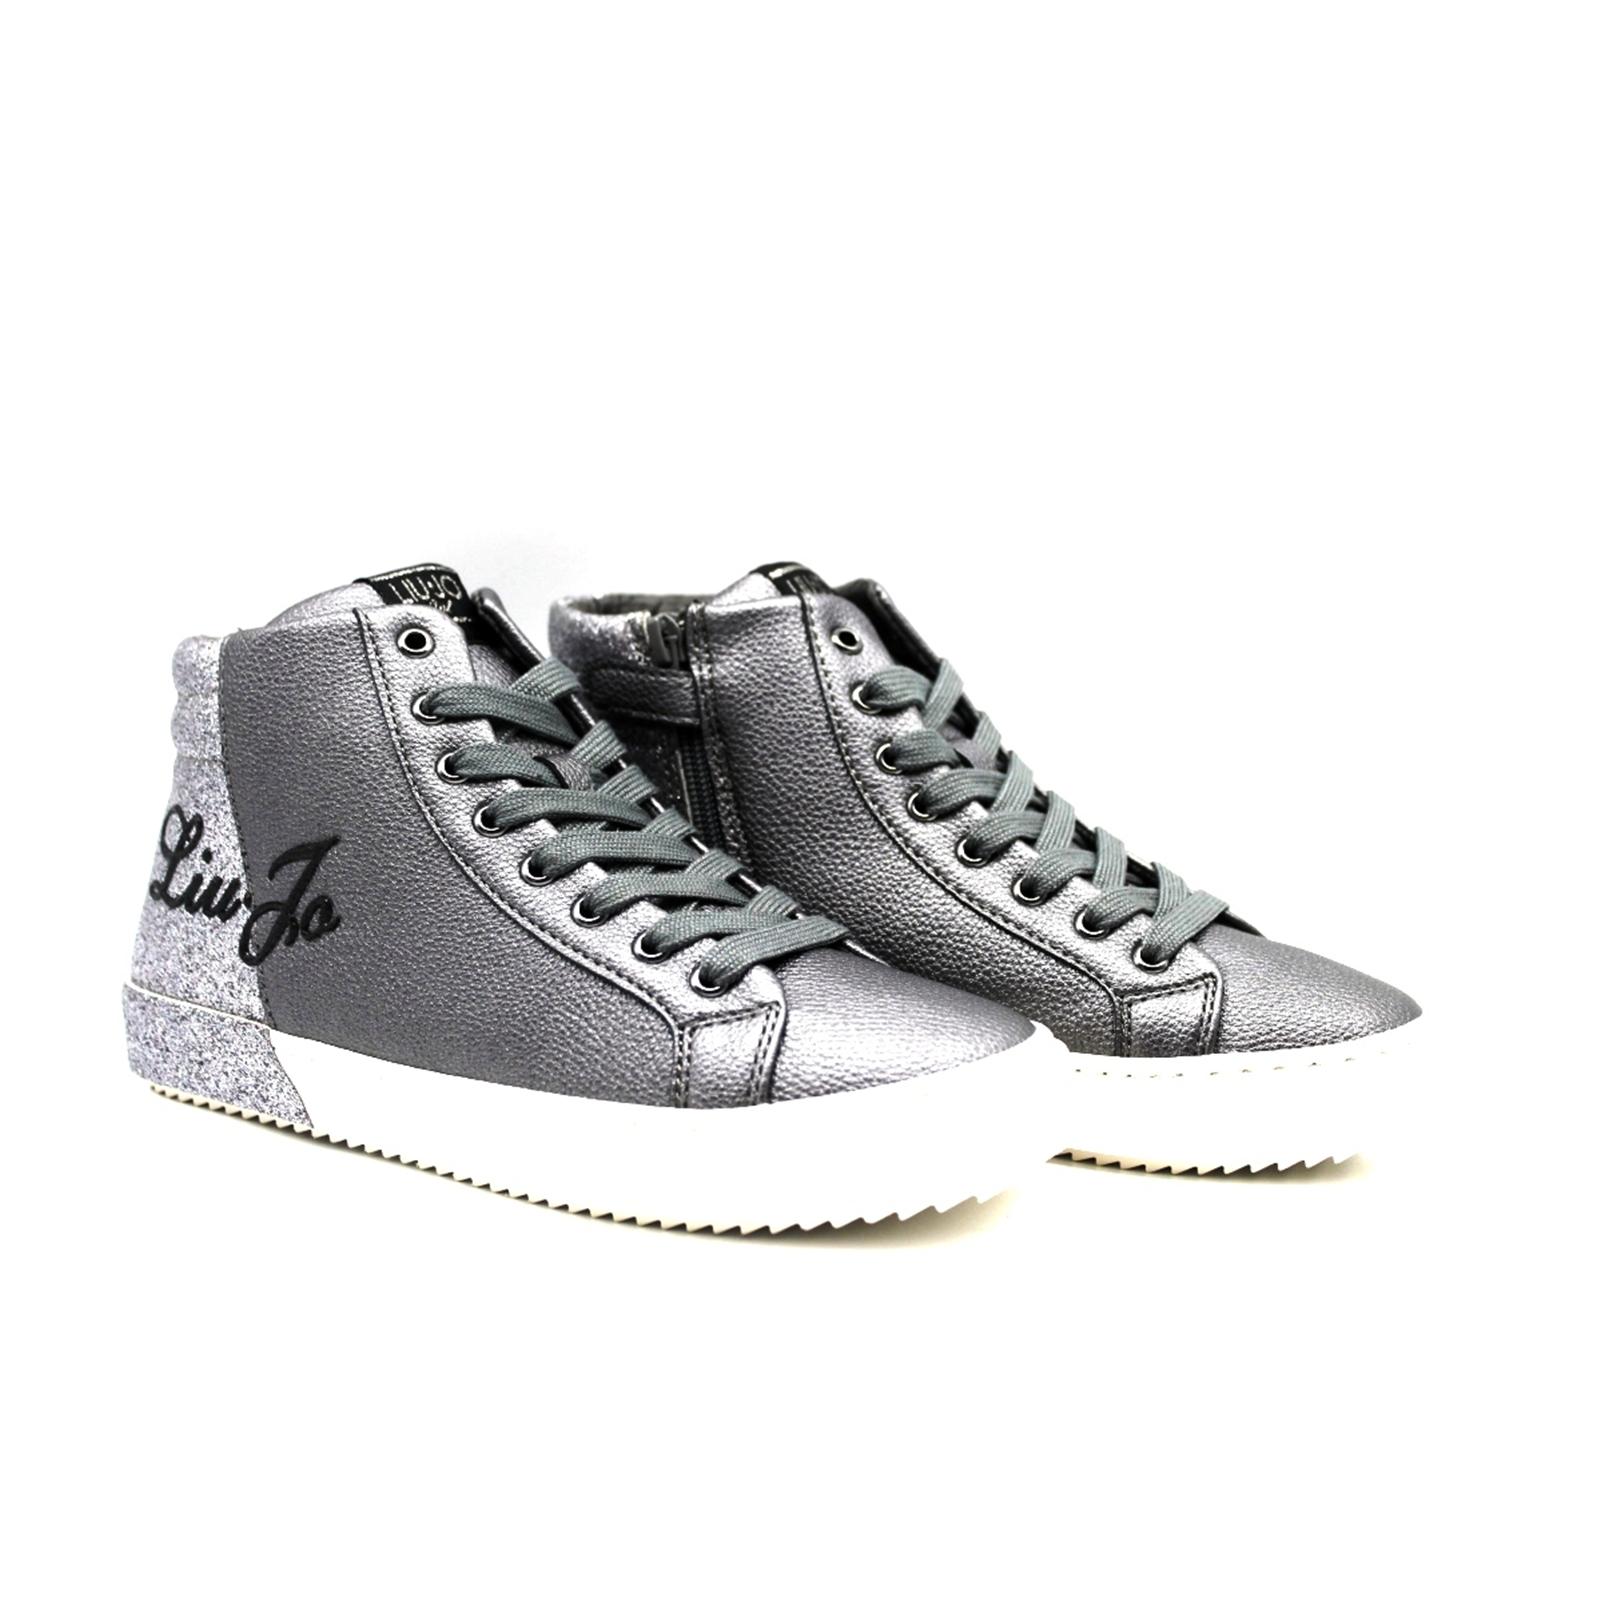 new style d5c4c 9a10b Dettagli su Scarpe sneaker Liu Jo bambina 20004 colore grigio dal 35-40  listino € 99,00